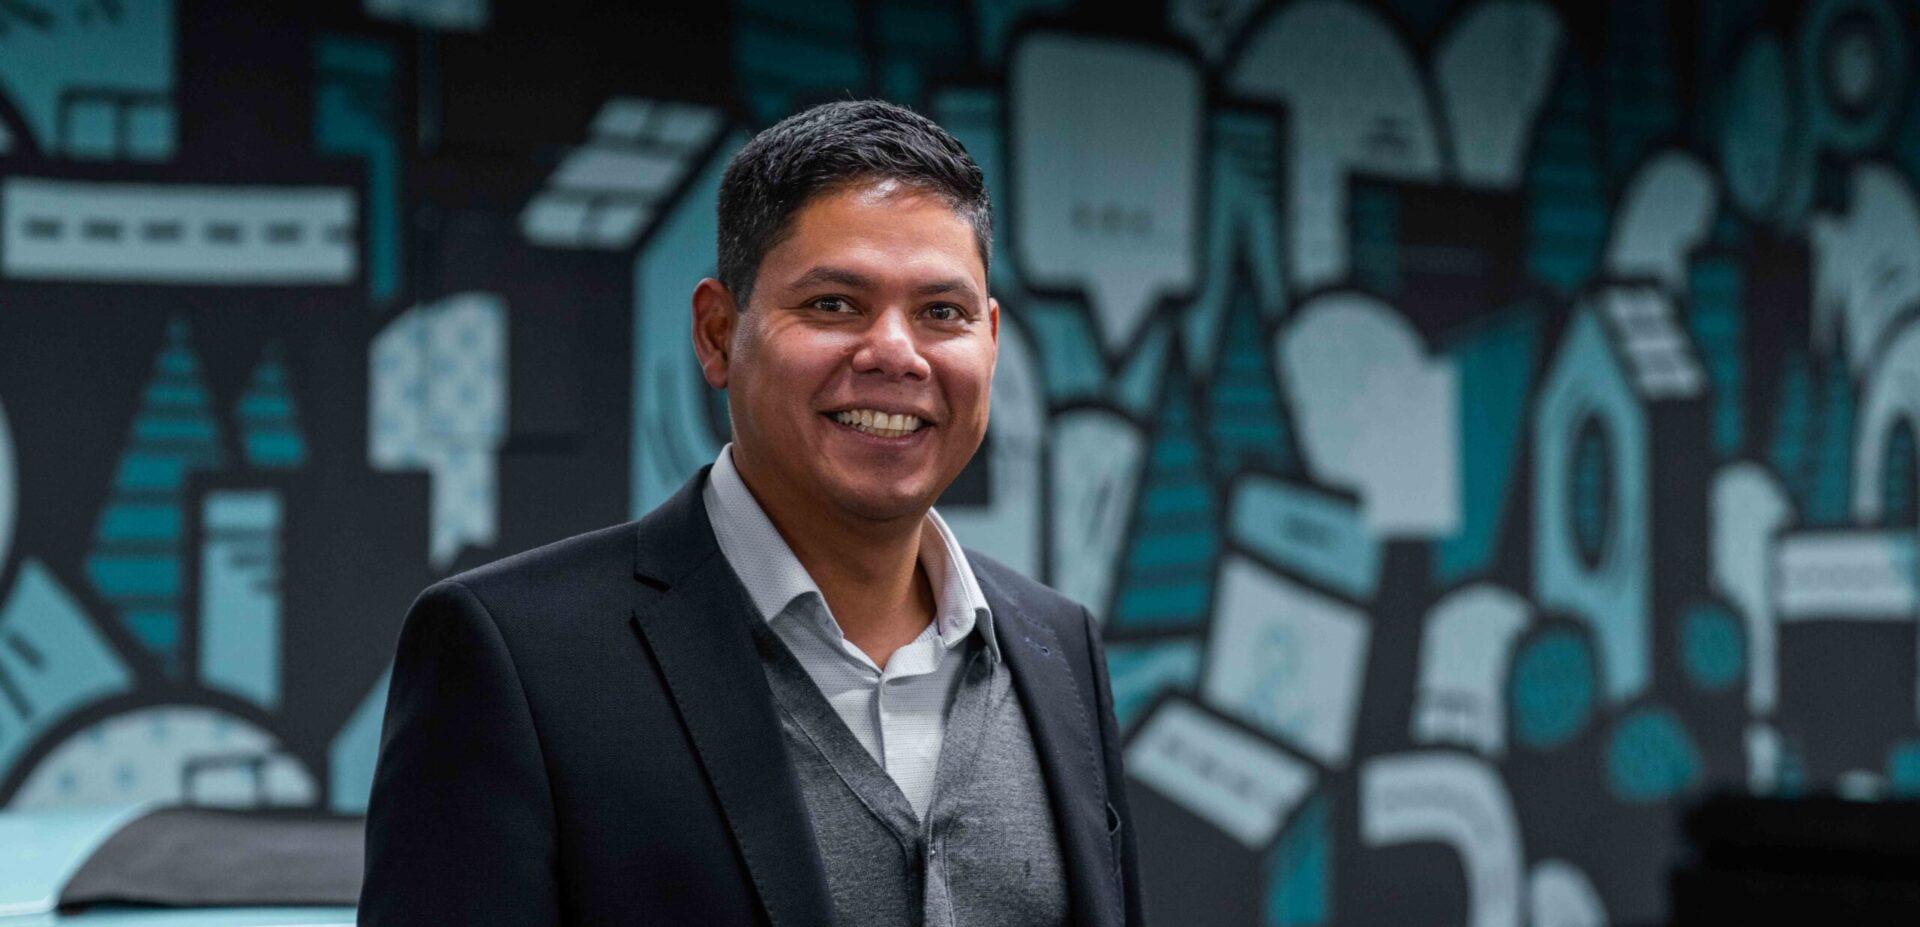 Portrait von ads&figures Mitarbeiter Andres Aguirre im Büro